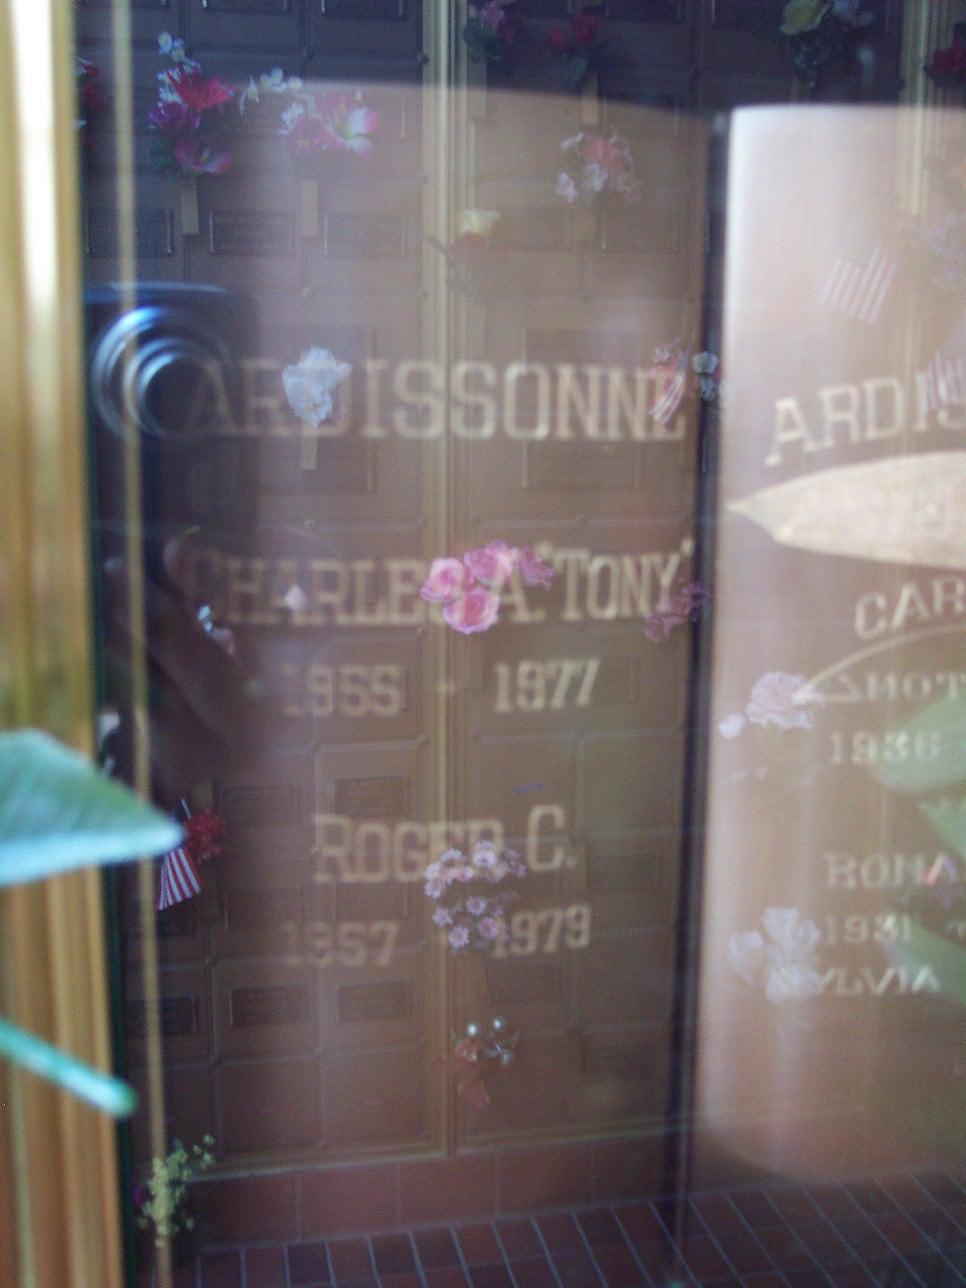 Charley A Tony Ardissonne